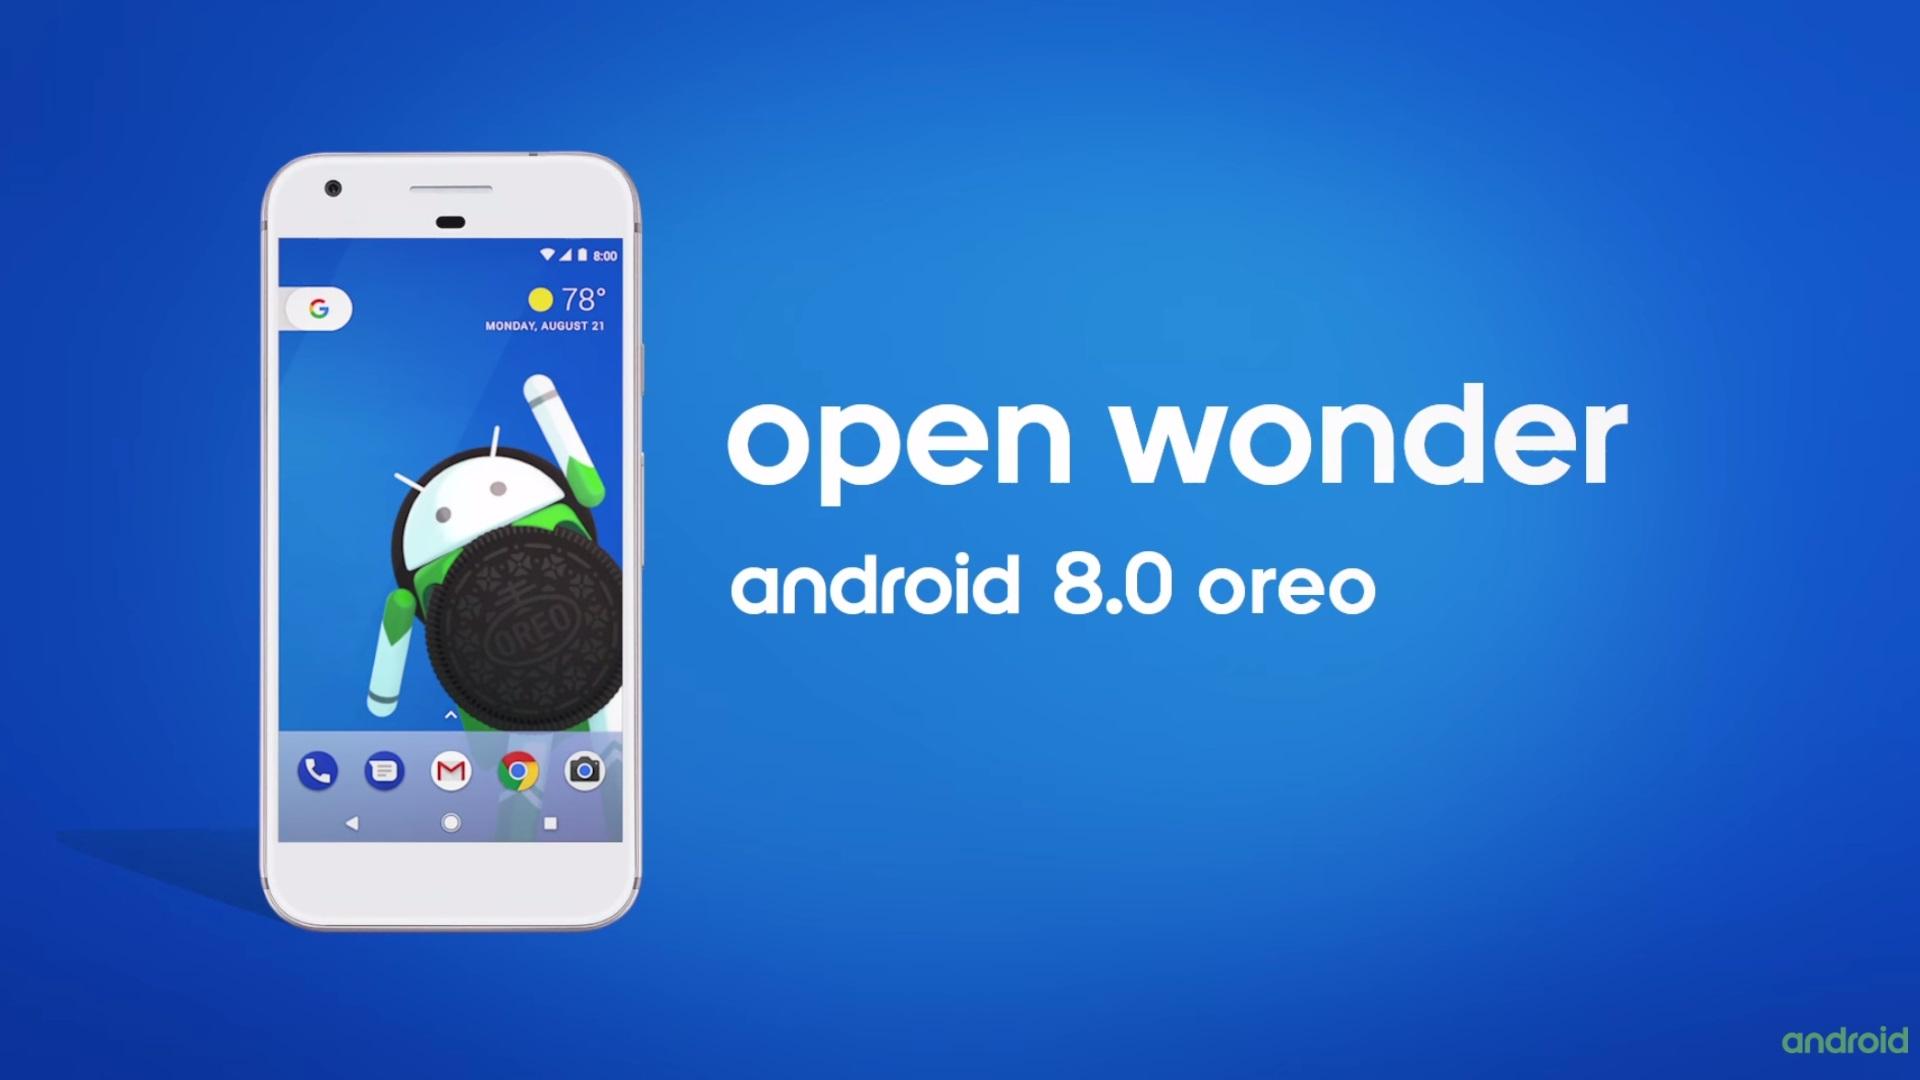 新Android OS「Android 8.0 Oreo(オレオ)」正式発表